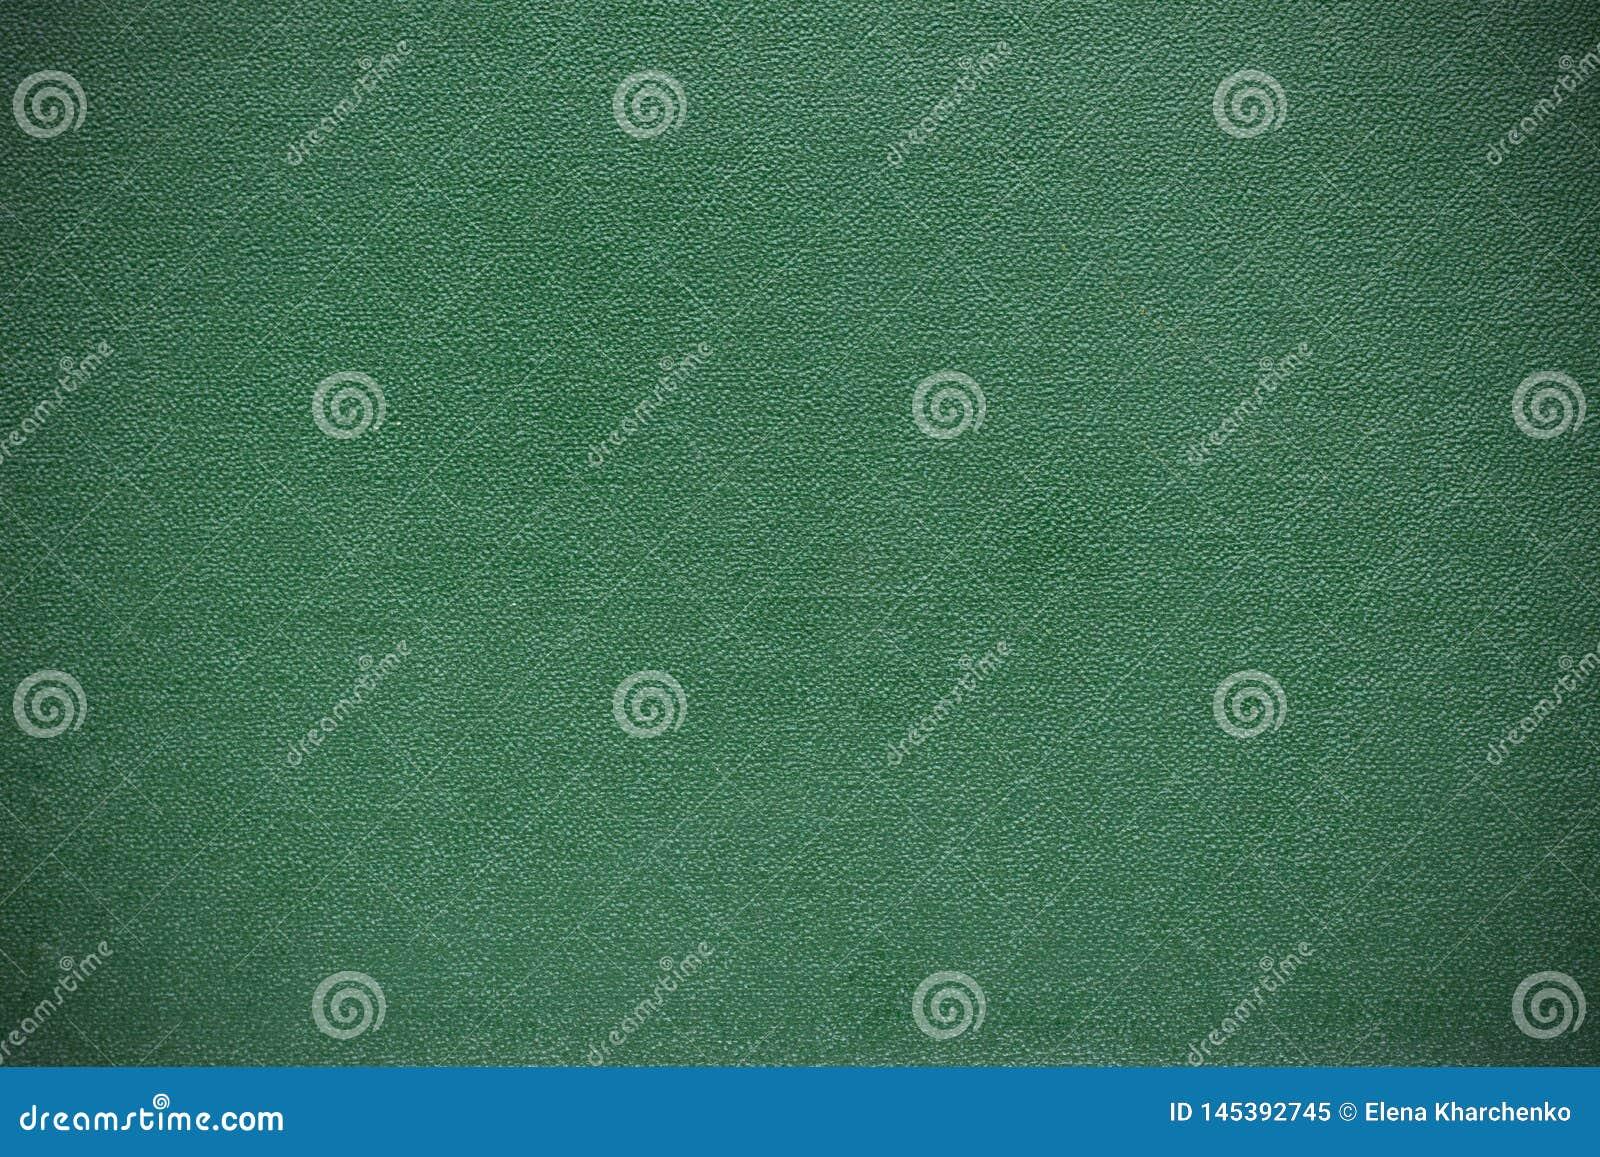 Текстура предпосылки сделана из виньетки зеленого цвета обложки книг